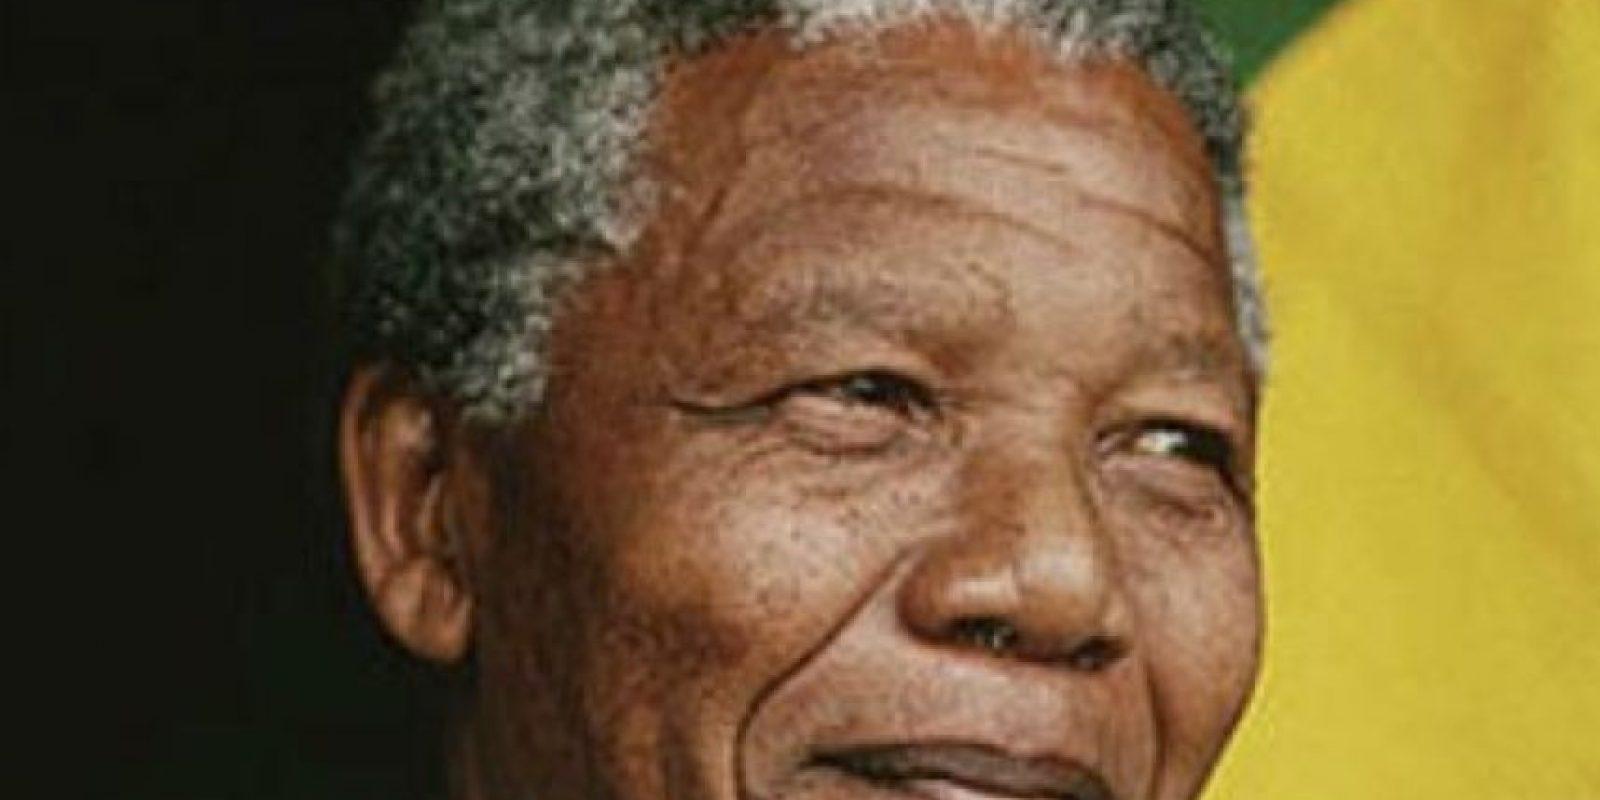 Mandela declaró alguna vez que solo el actor podría interpretarlo. Y eso hizo. Freeman fue a pedirle al expresidente surafricano su bendición para rodar la peícula. Foto:vía Getty Images